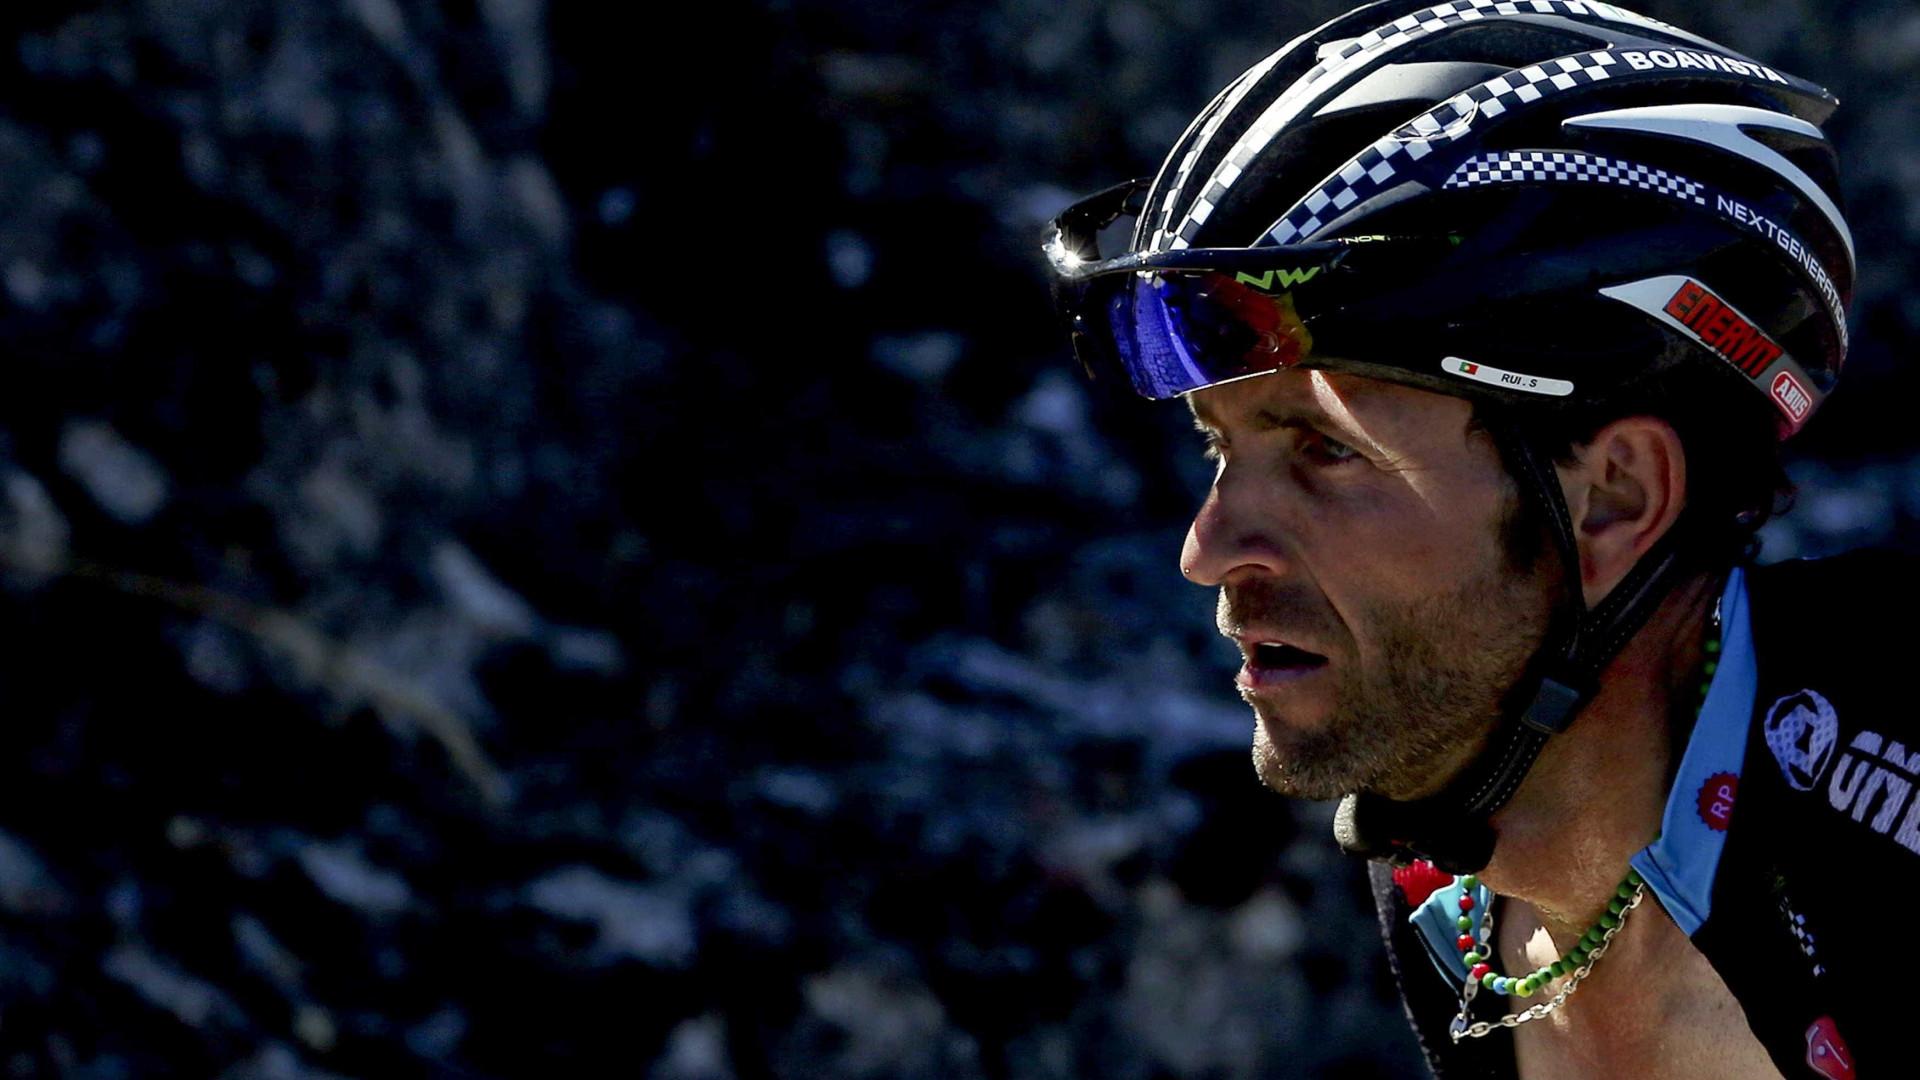 Volta a Portugal: Rui Sousa vai continuar a correr em 2017